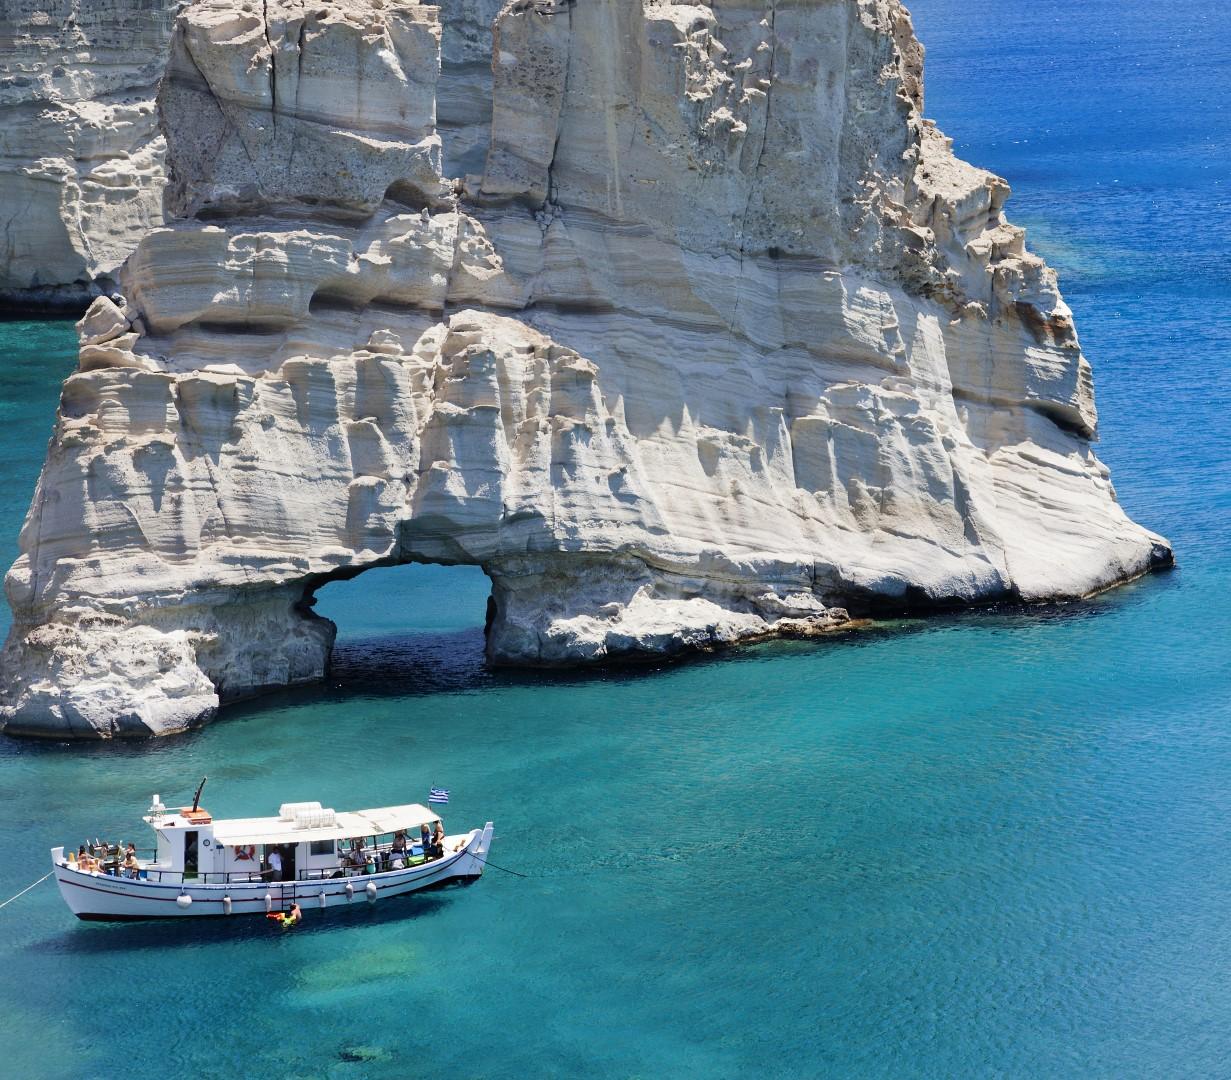 Milos or Melos (/ˈmɛlɒsˌ -oʊsˌ ˈmiːlɒs, -loʊs/ Modern Greek: Μήλος [ˈmilos] Ancient Greek: Μῆλος Melos) is a volcanic Greek island in the Aegean Sea, just north of the Sea of Crete. Milos is the southwesternmost island in the Cyclades group.